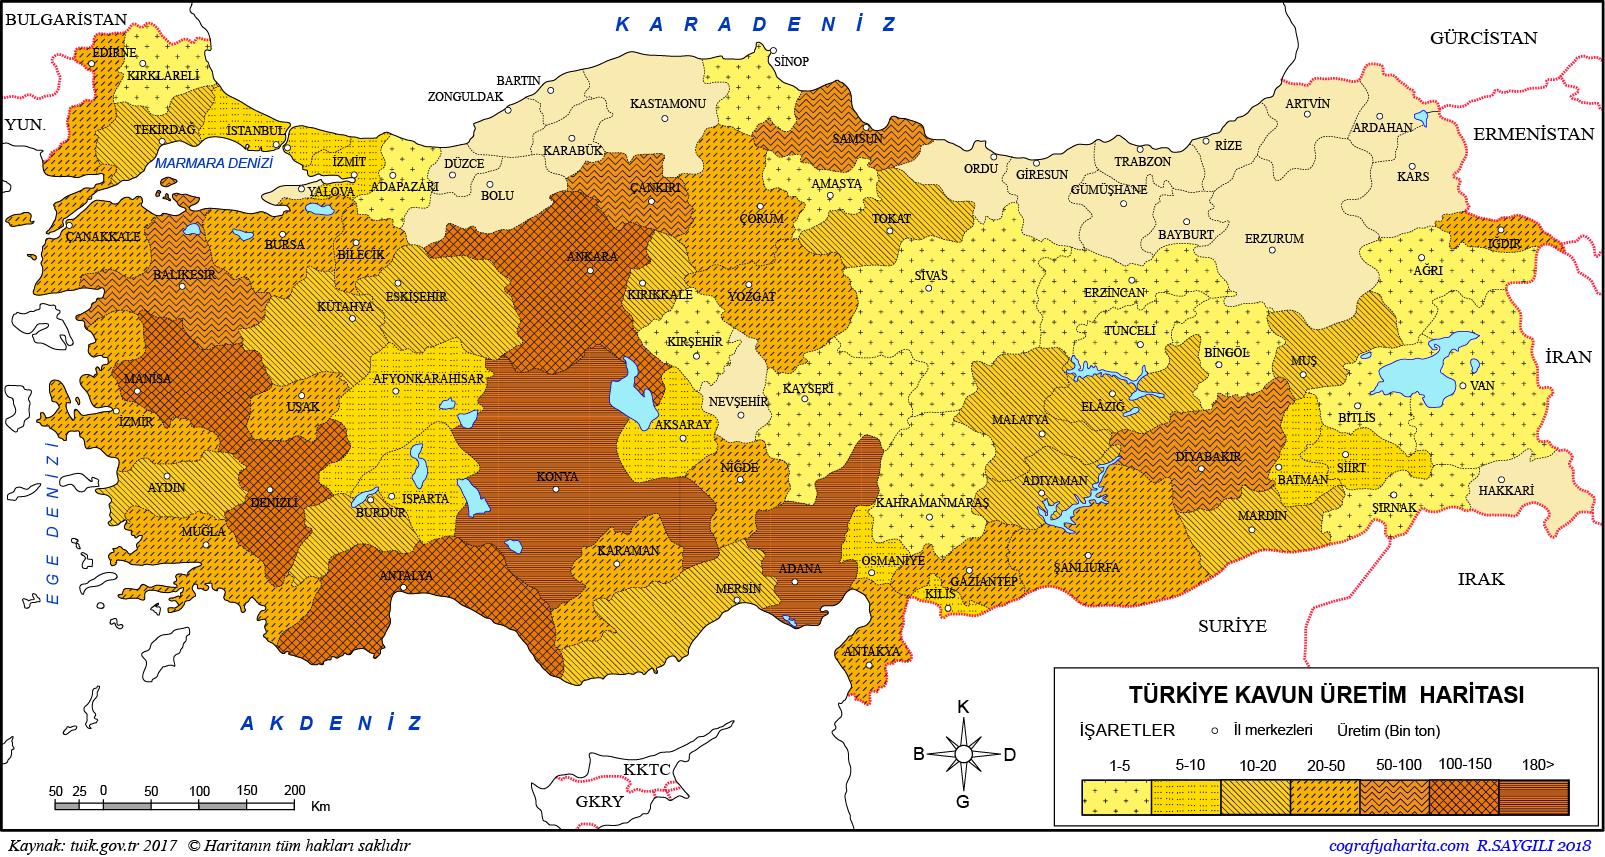 Türkiye Kavun Üretim Haritası